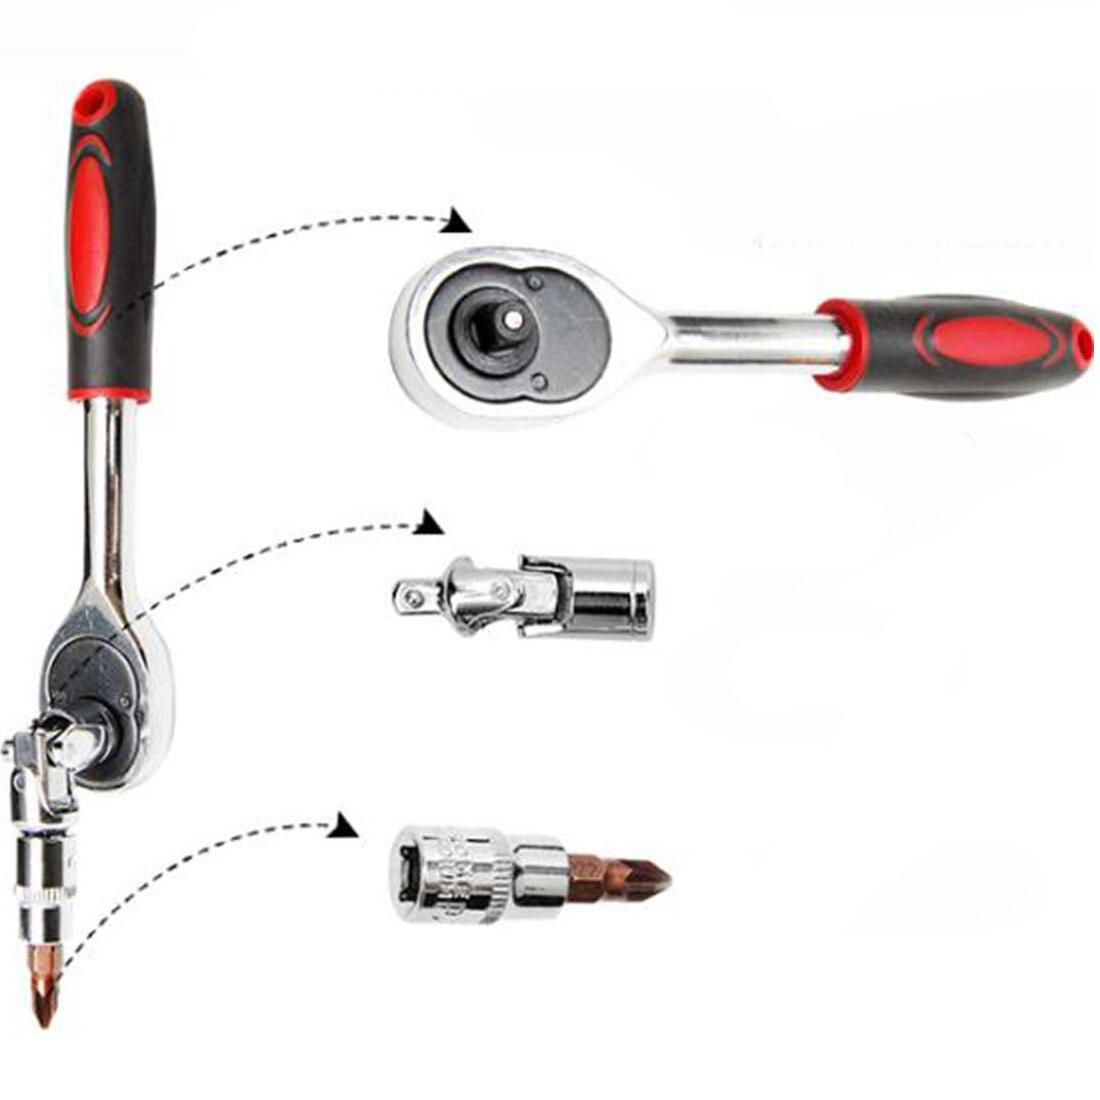 46 шт. 1/4-дюймовый набор торцевых Инструменты для ремонта автомобилей, комплект гаечный ключ Комбинации Бит Набор ключей хром-ванадиевой